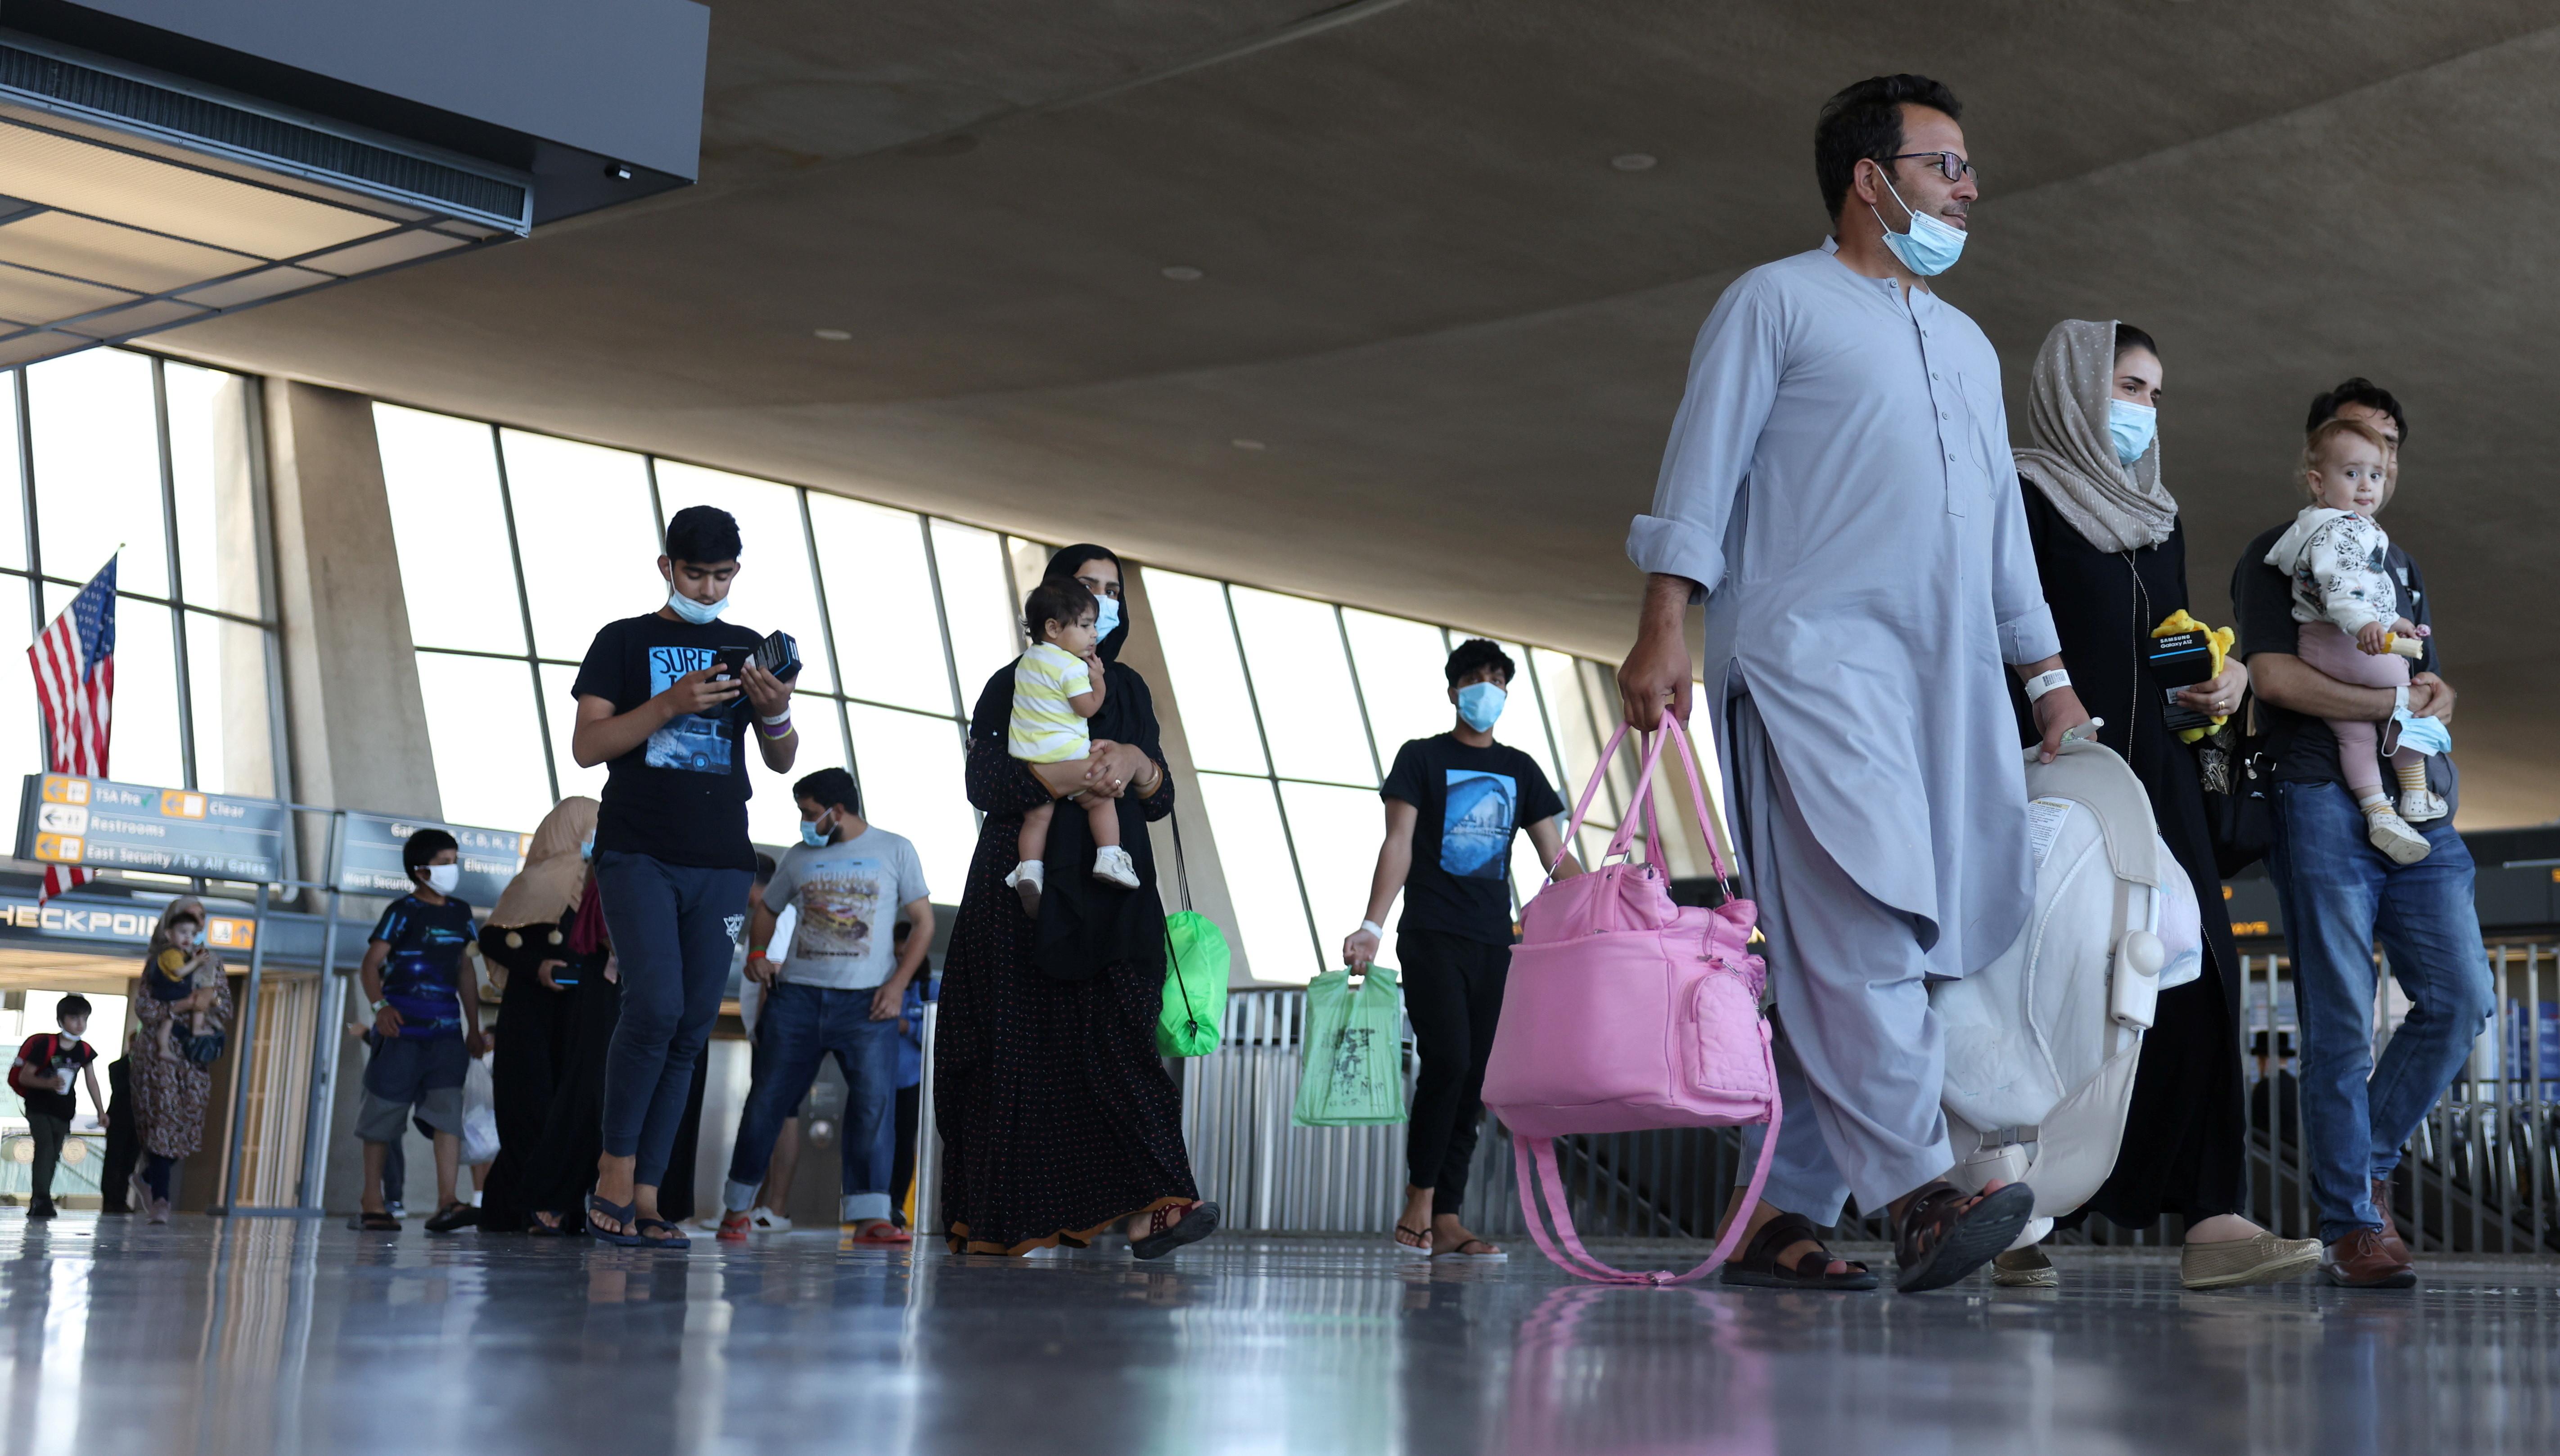 Afghan refugees arrive in Dulles, Virginia.